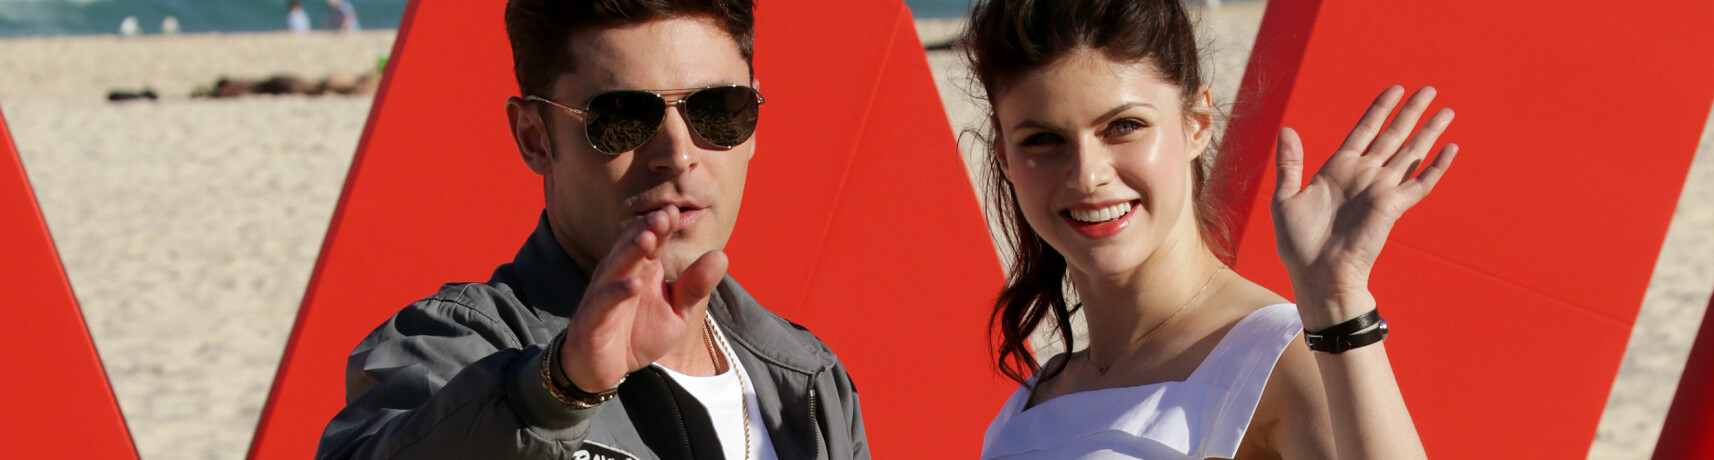 RYKTEFLOM: Er det noe mer mellom Zac Efron og Alexandra Daddario? FOTO: Scanpix